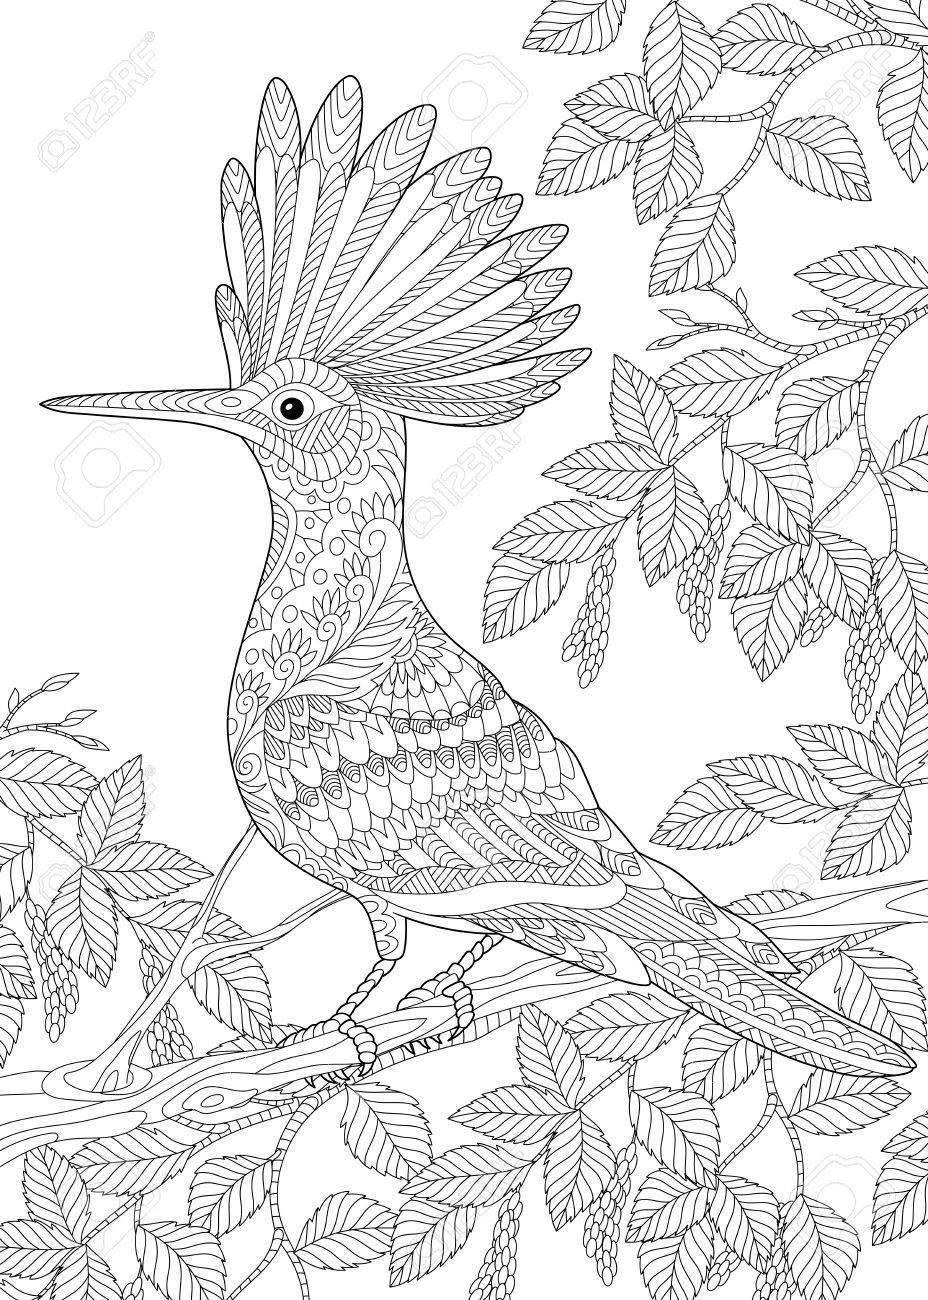 Colorear De Pájaro Hoopoe (Upupa Epops) Sentado En La Rama Del árbol ...